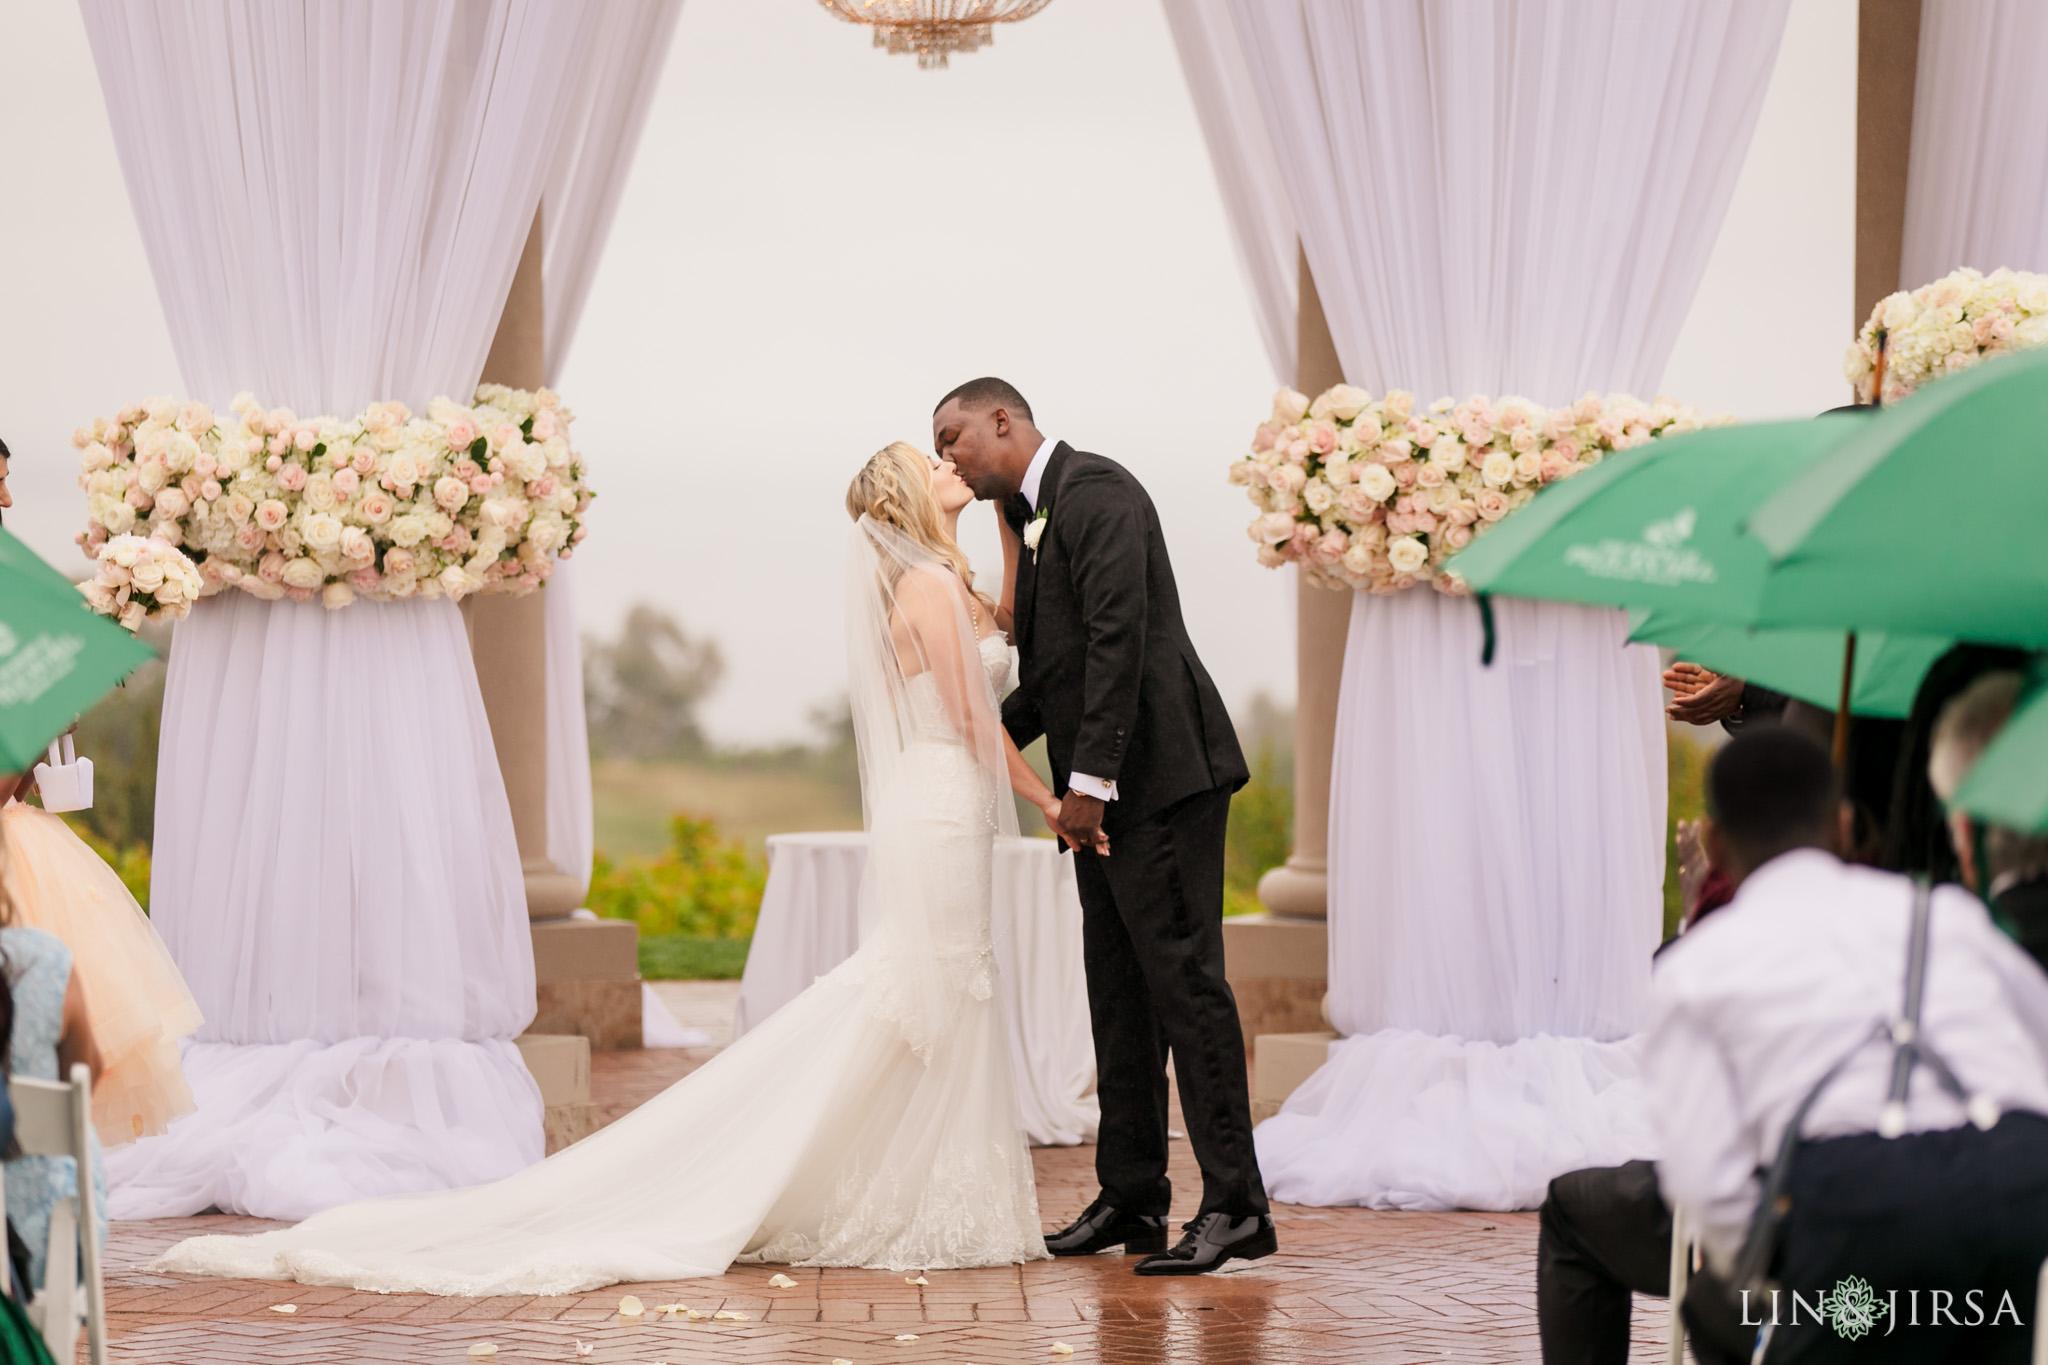 15 Pelican Hill Resort Orange County Rainy Wedding Ceremony Photographer